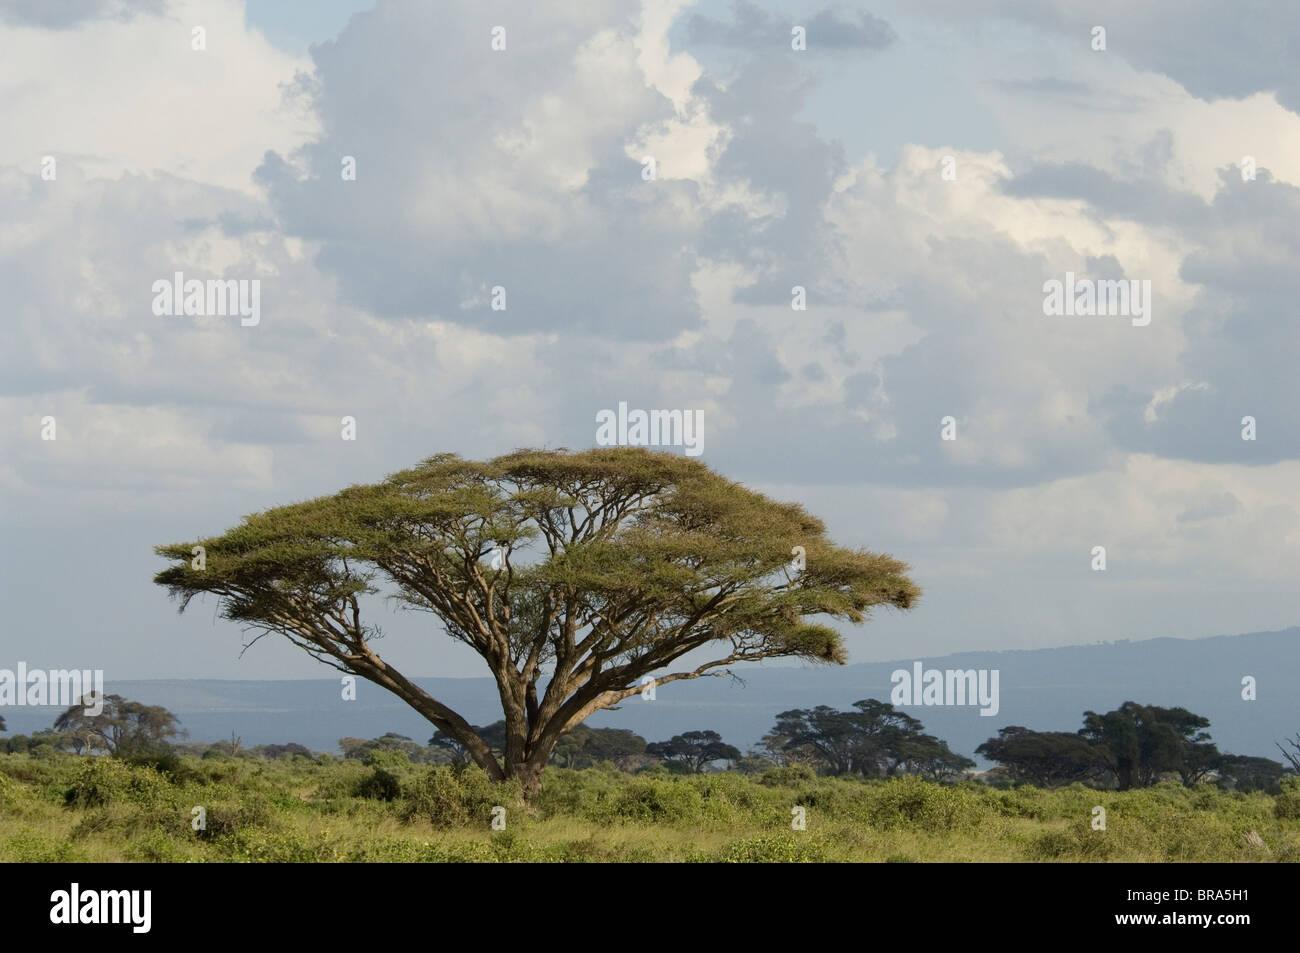 ACACIA pintoresco Parque Nacional de Amboseli Kenia África Imagen De Stock